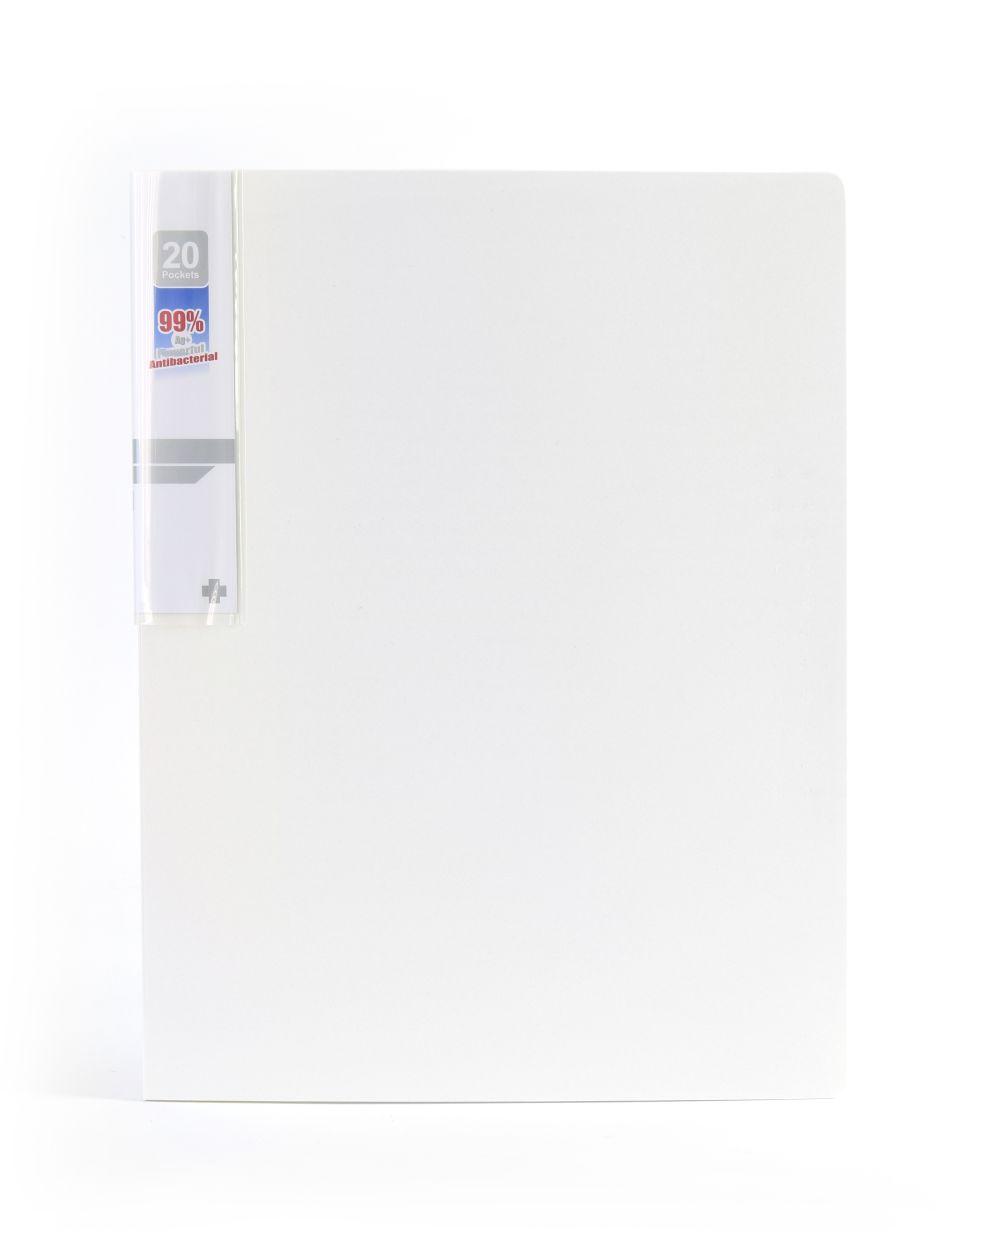 Desky na spisy ANTIBAKTERIÁLNÍ A4 bílá 20 kapes